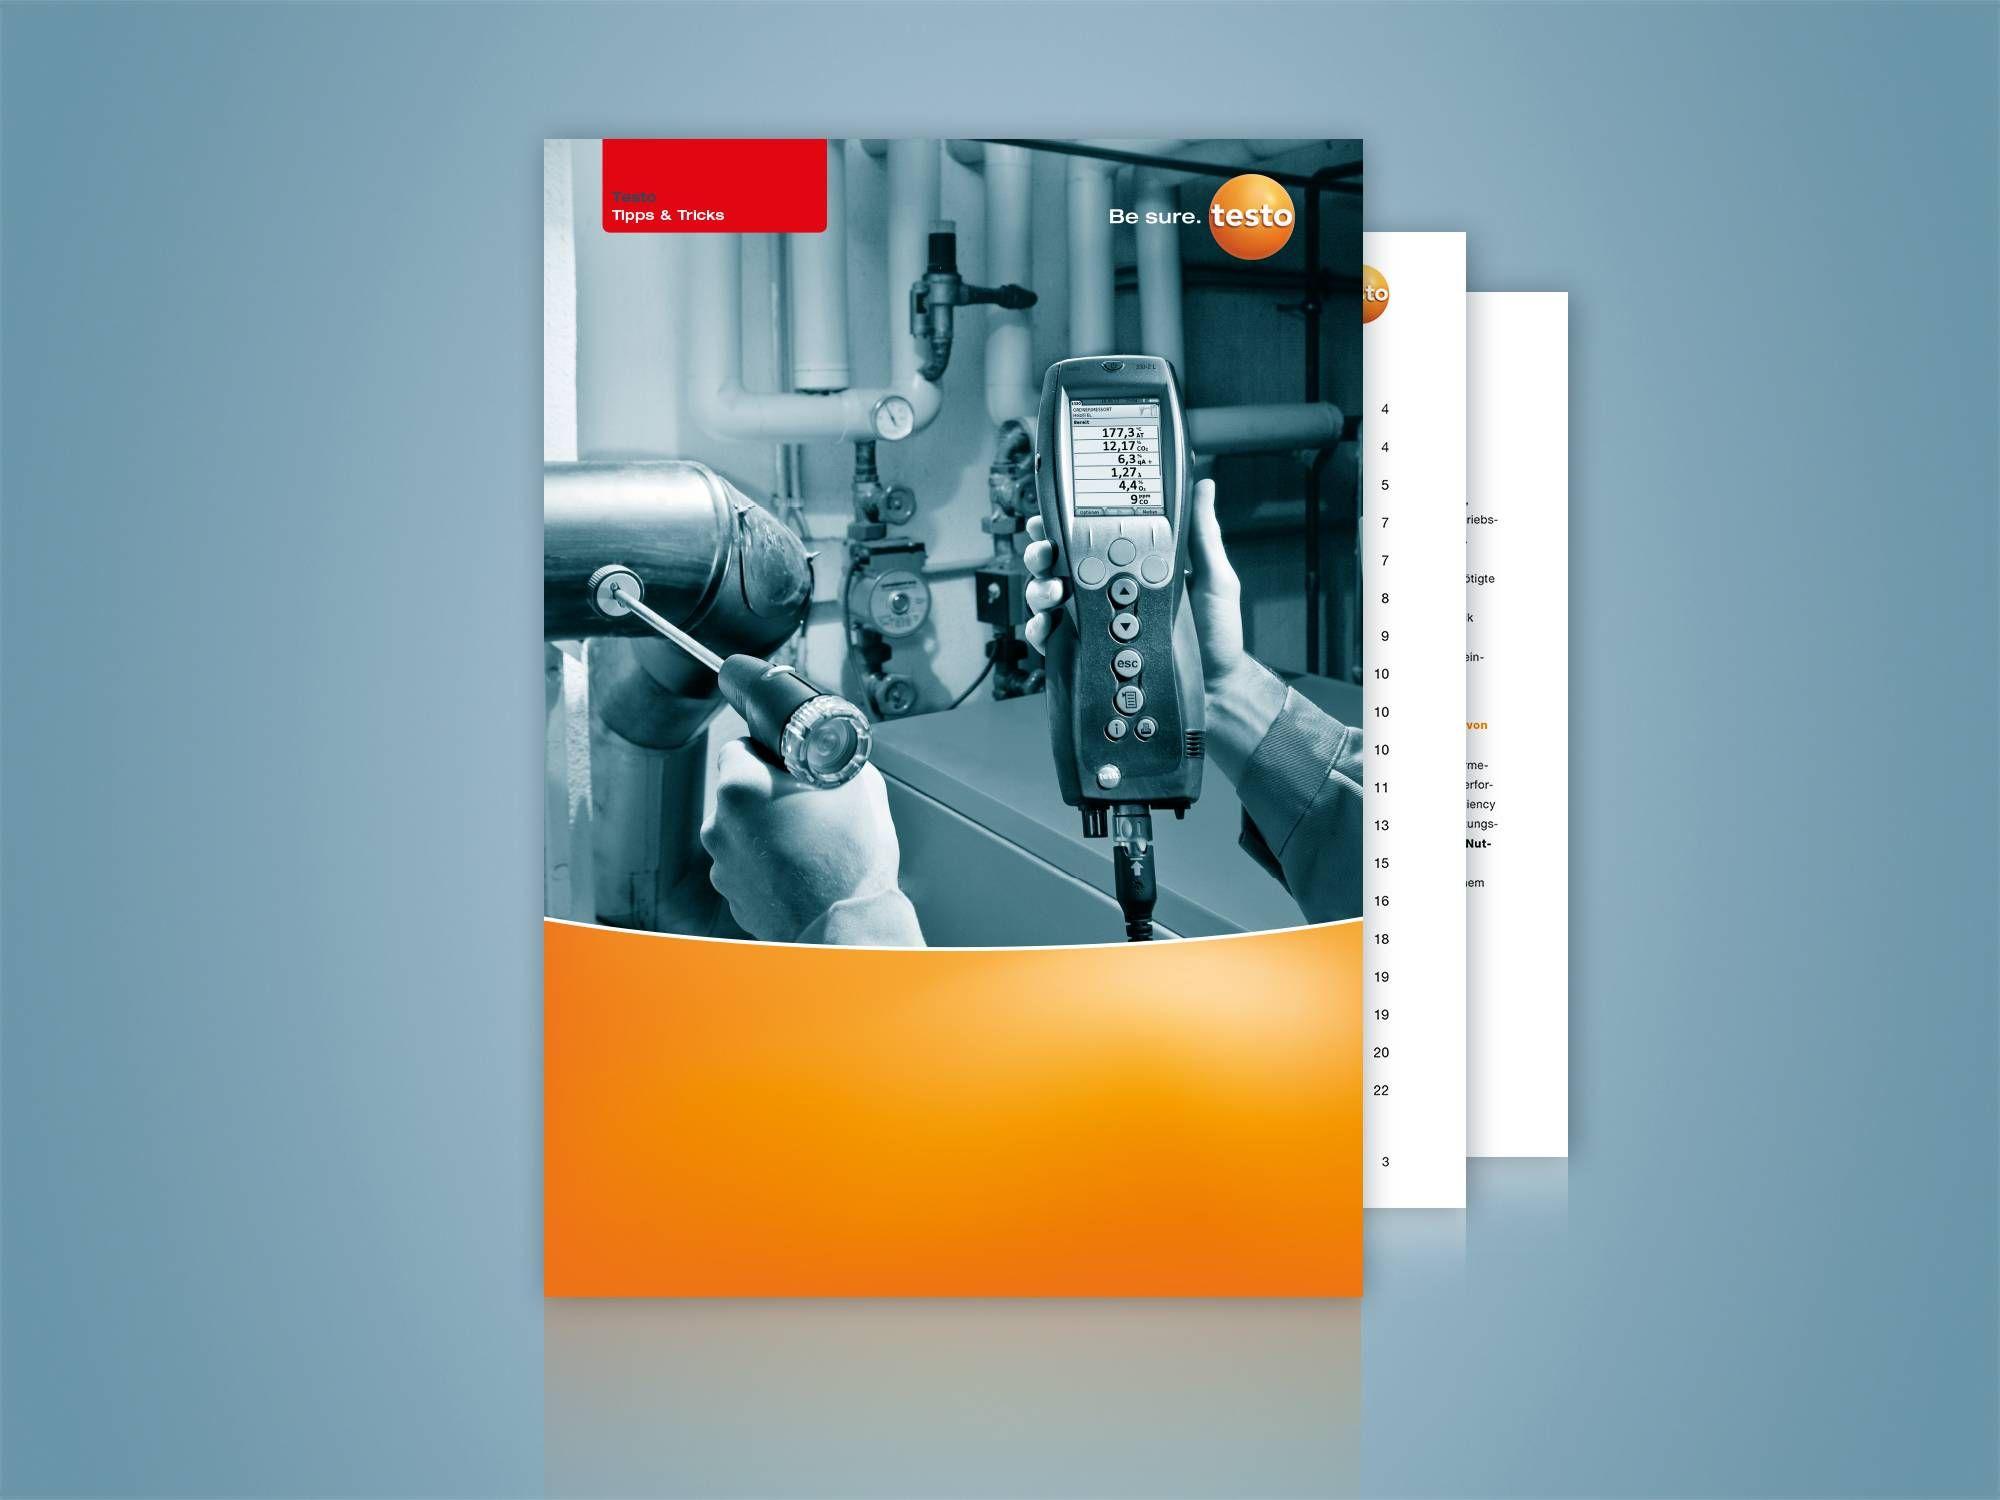 Effectuer des tâches de mesure sur les systèmes de chauffage de manière sûre et efficace.